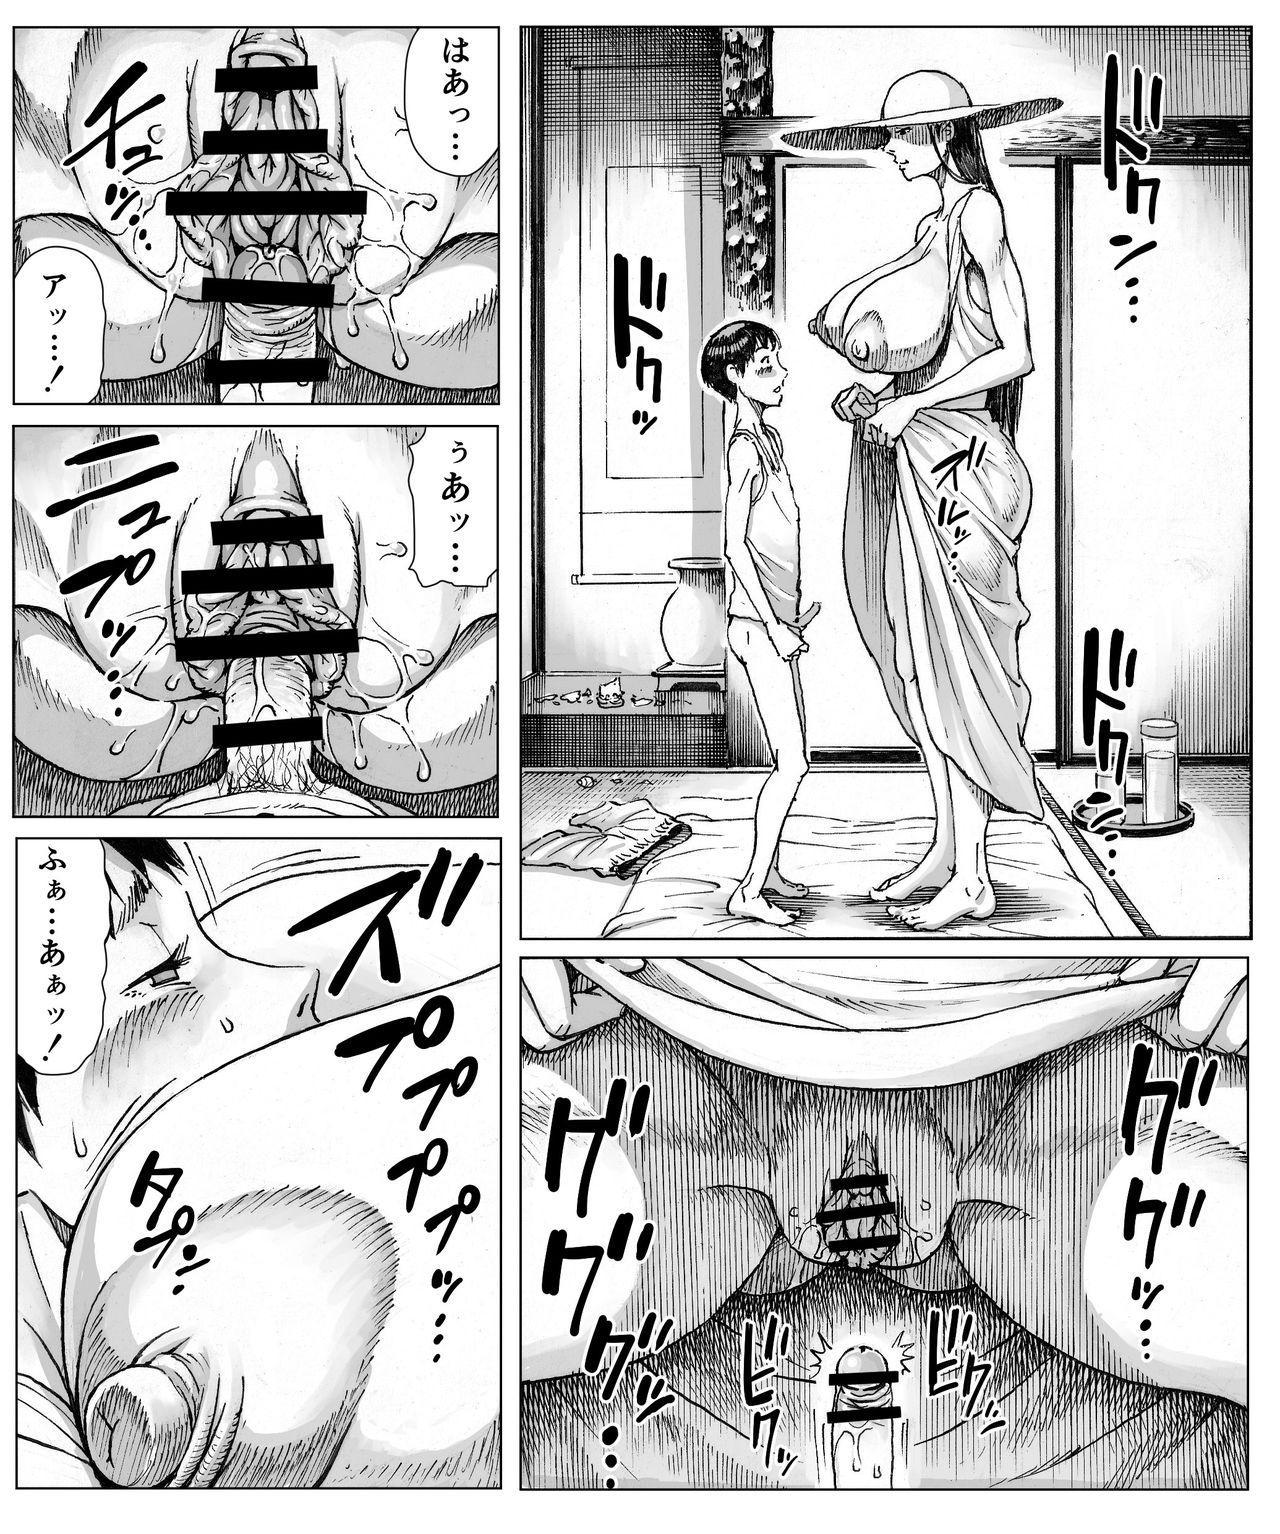 Ōse 29